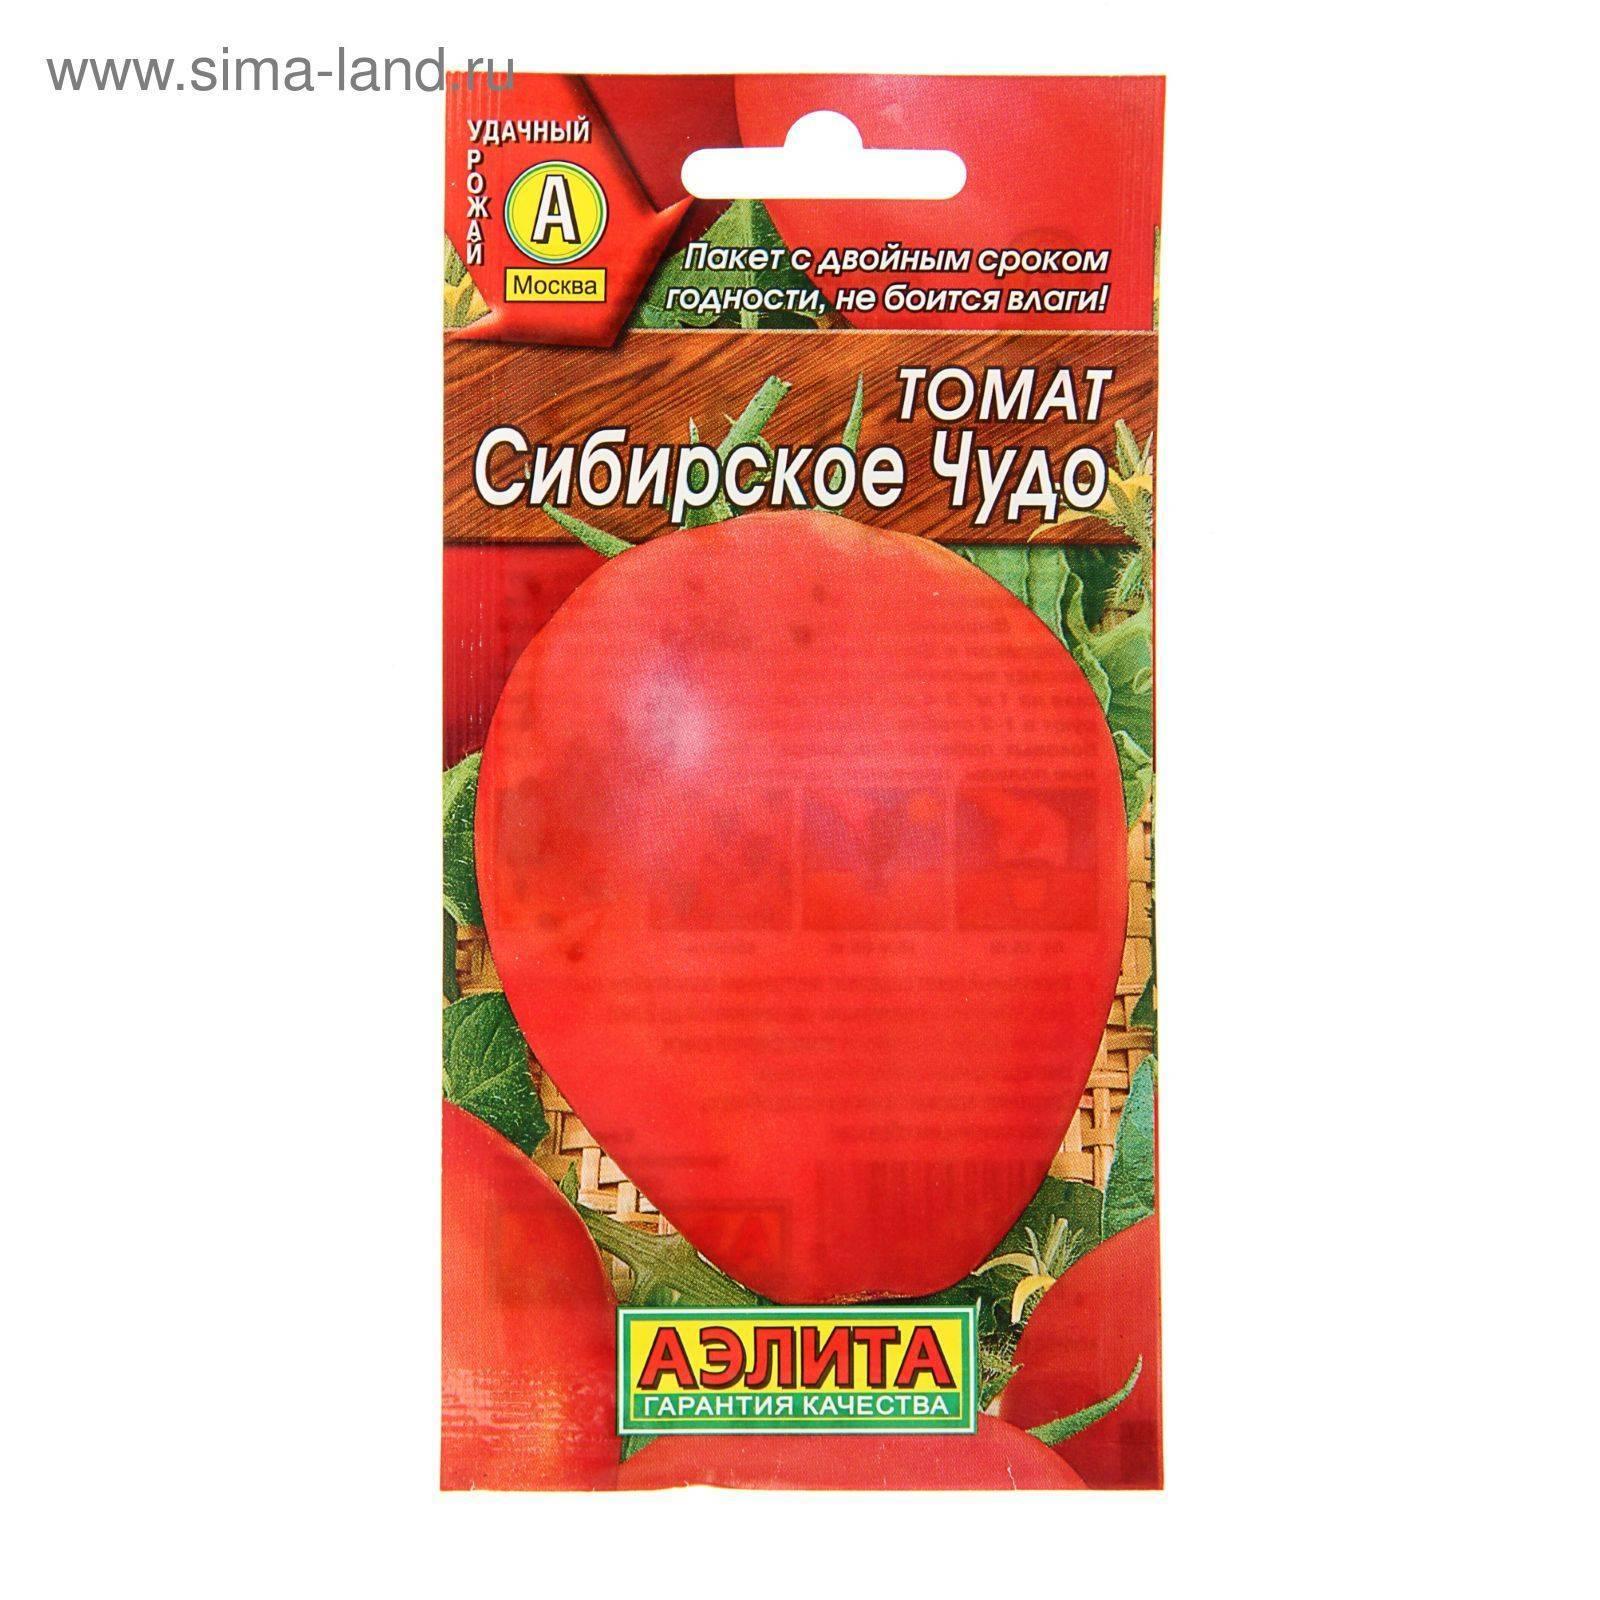 Томат чудо алтая: описание и урожайность сорта, отзывы, фото